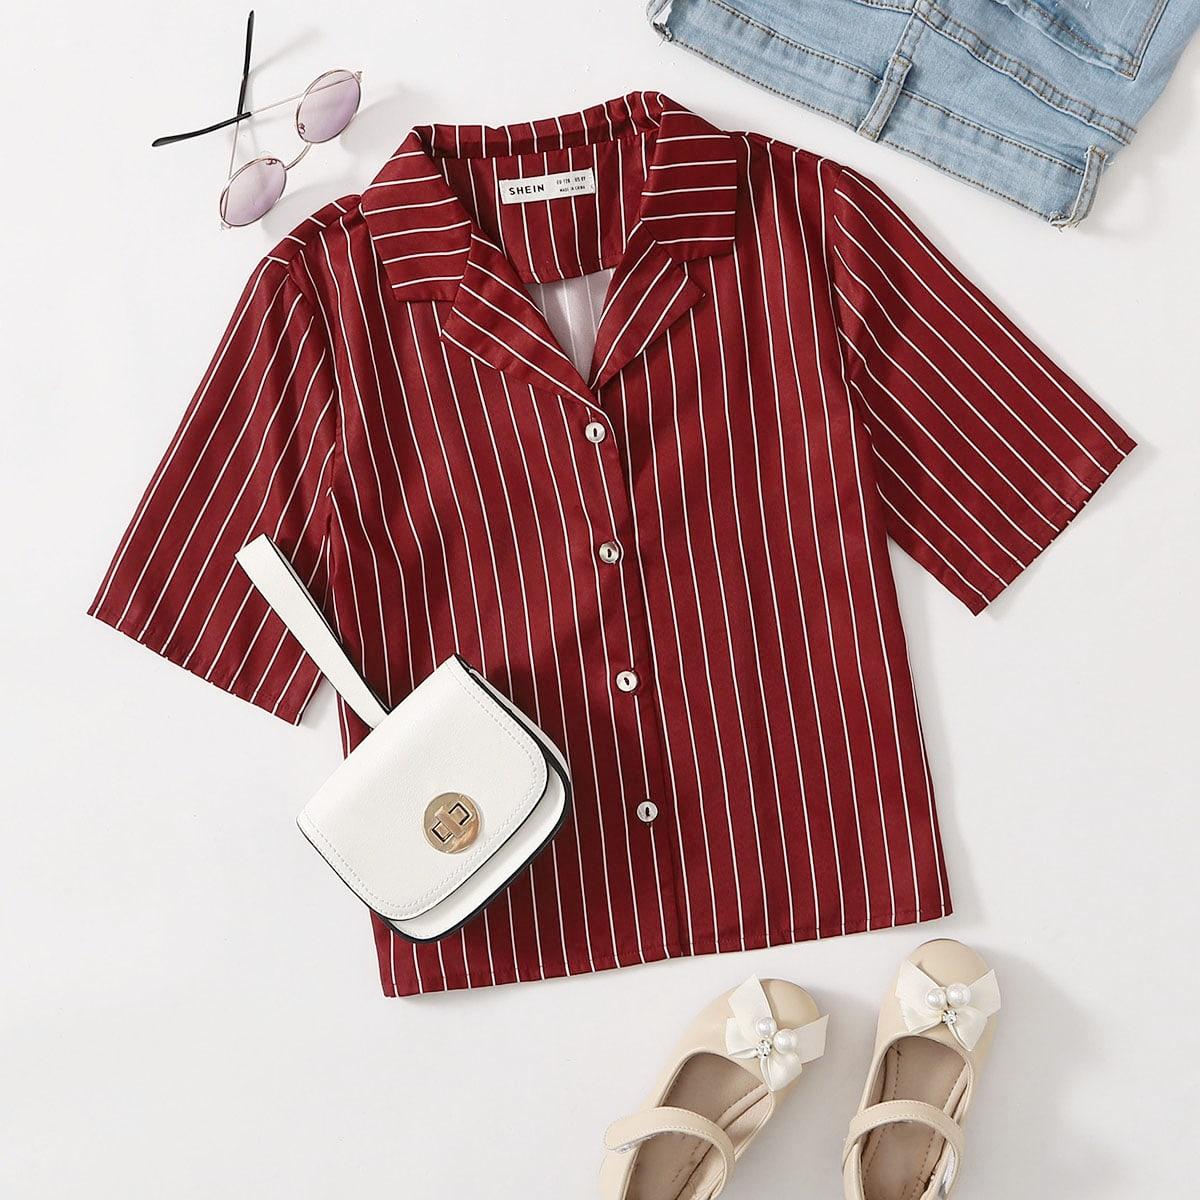 Однобортный Полосатый Повседневный Блузки для девочек от SHEIN